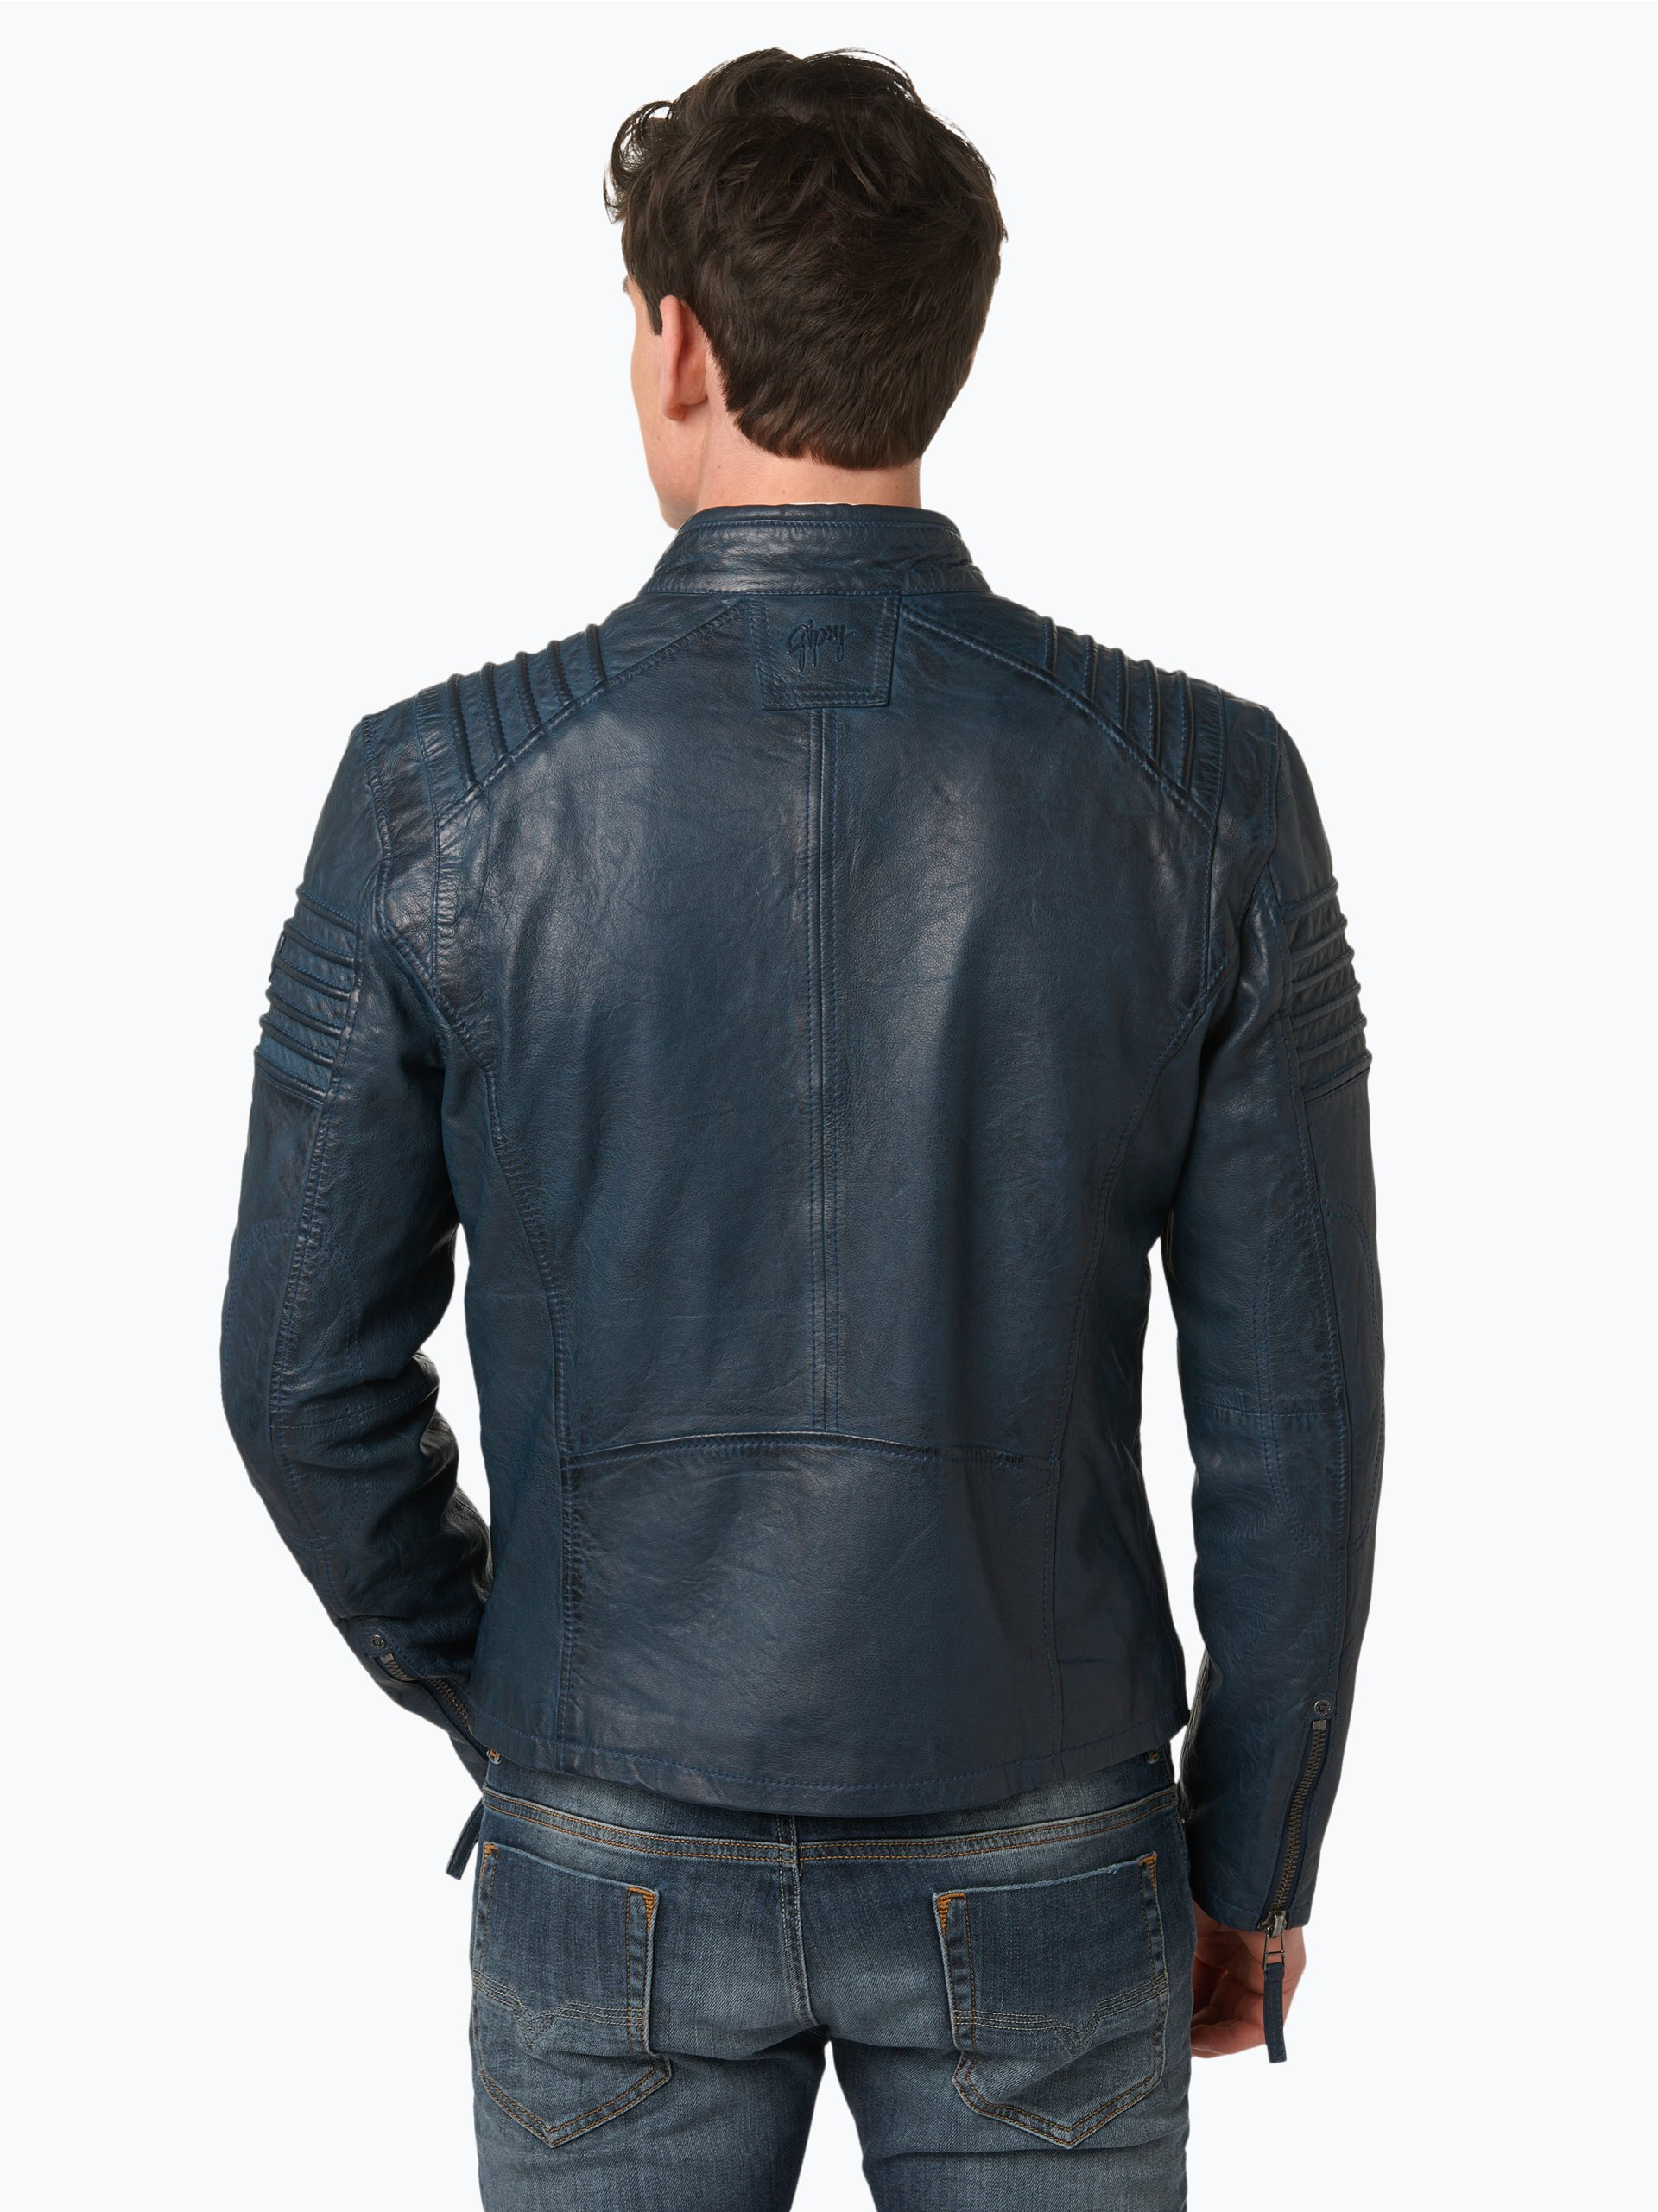 gipsy herren lederjacke copper blau uni online kaufen. Black Bedroom Furniture Sets. Home Design Ideas